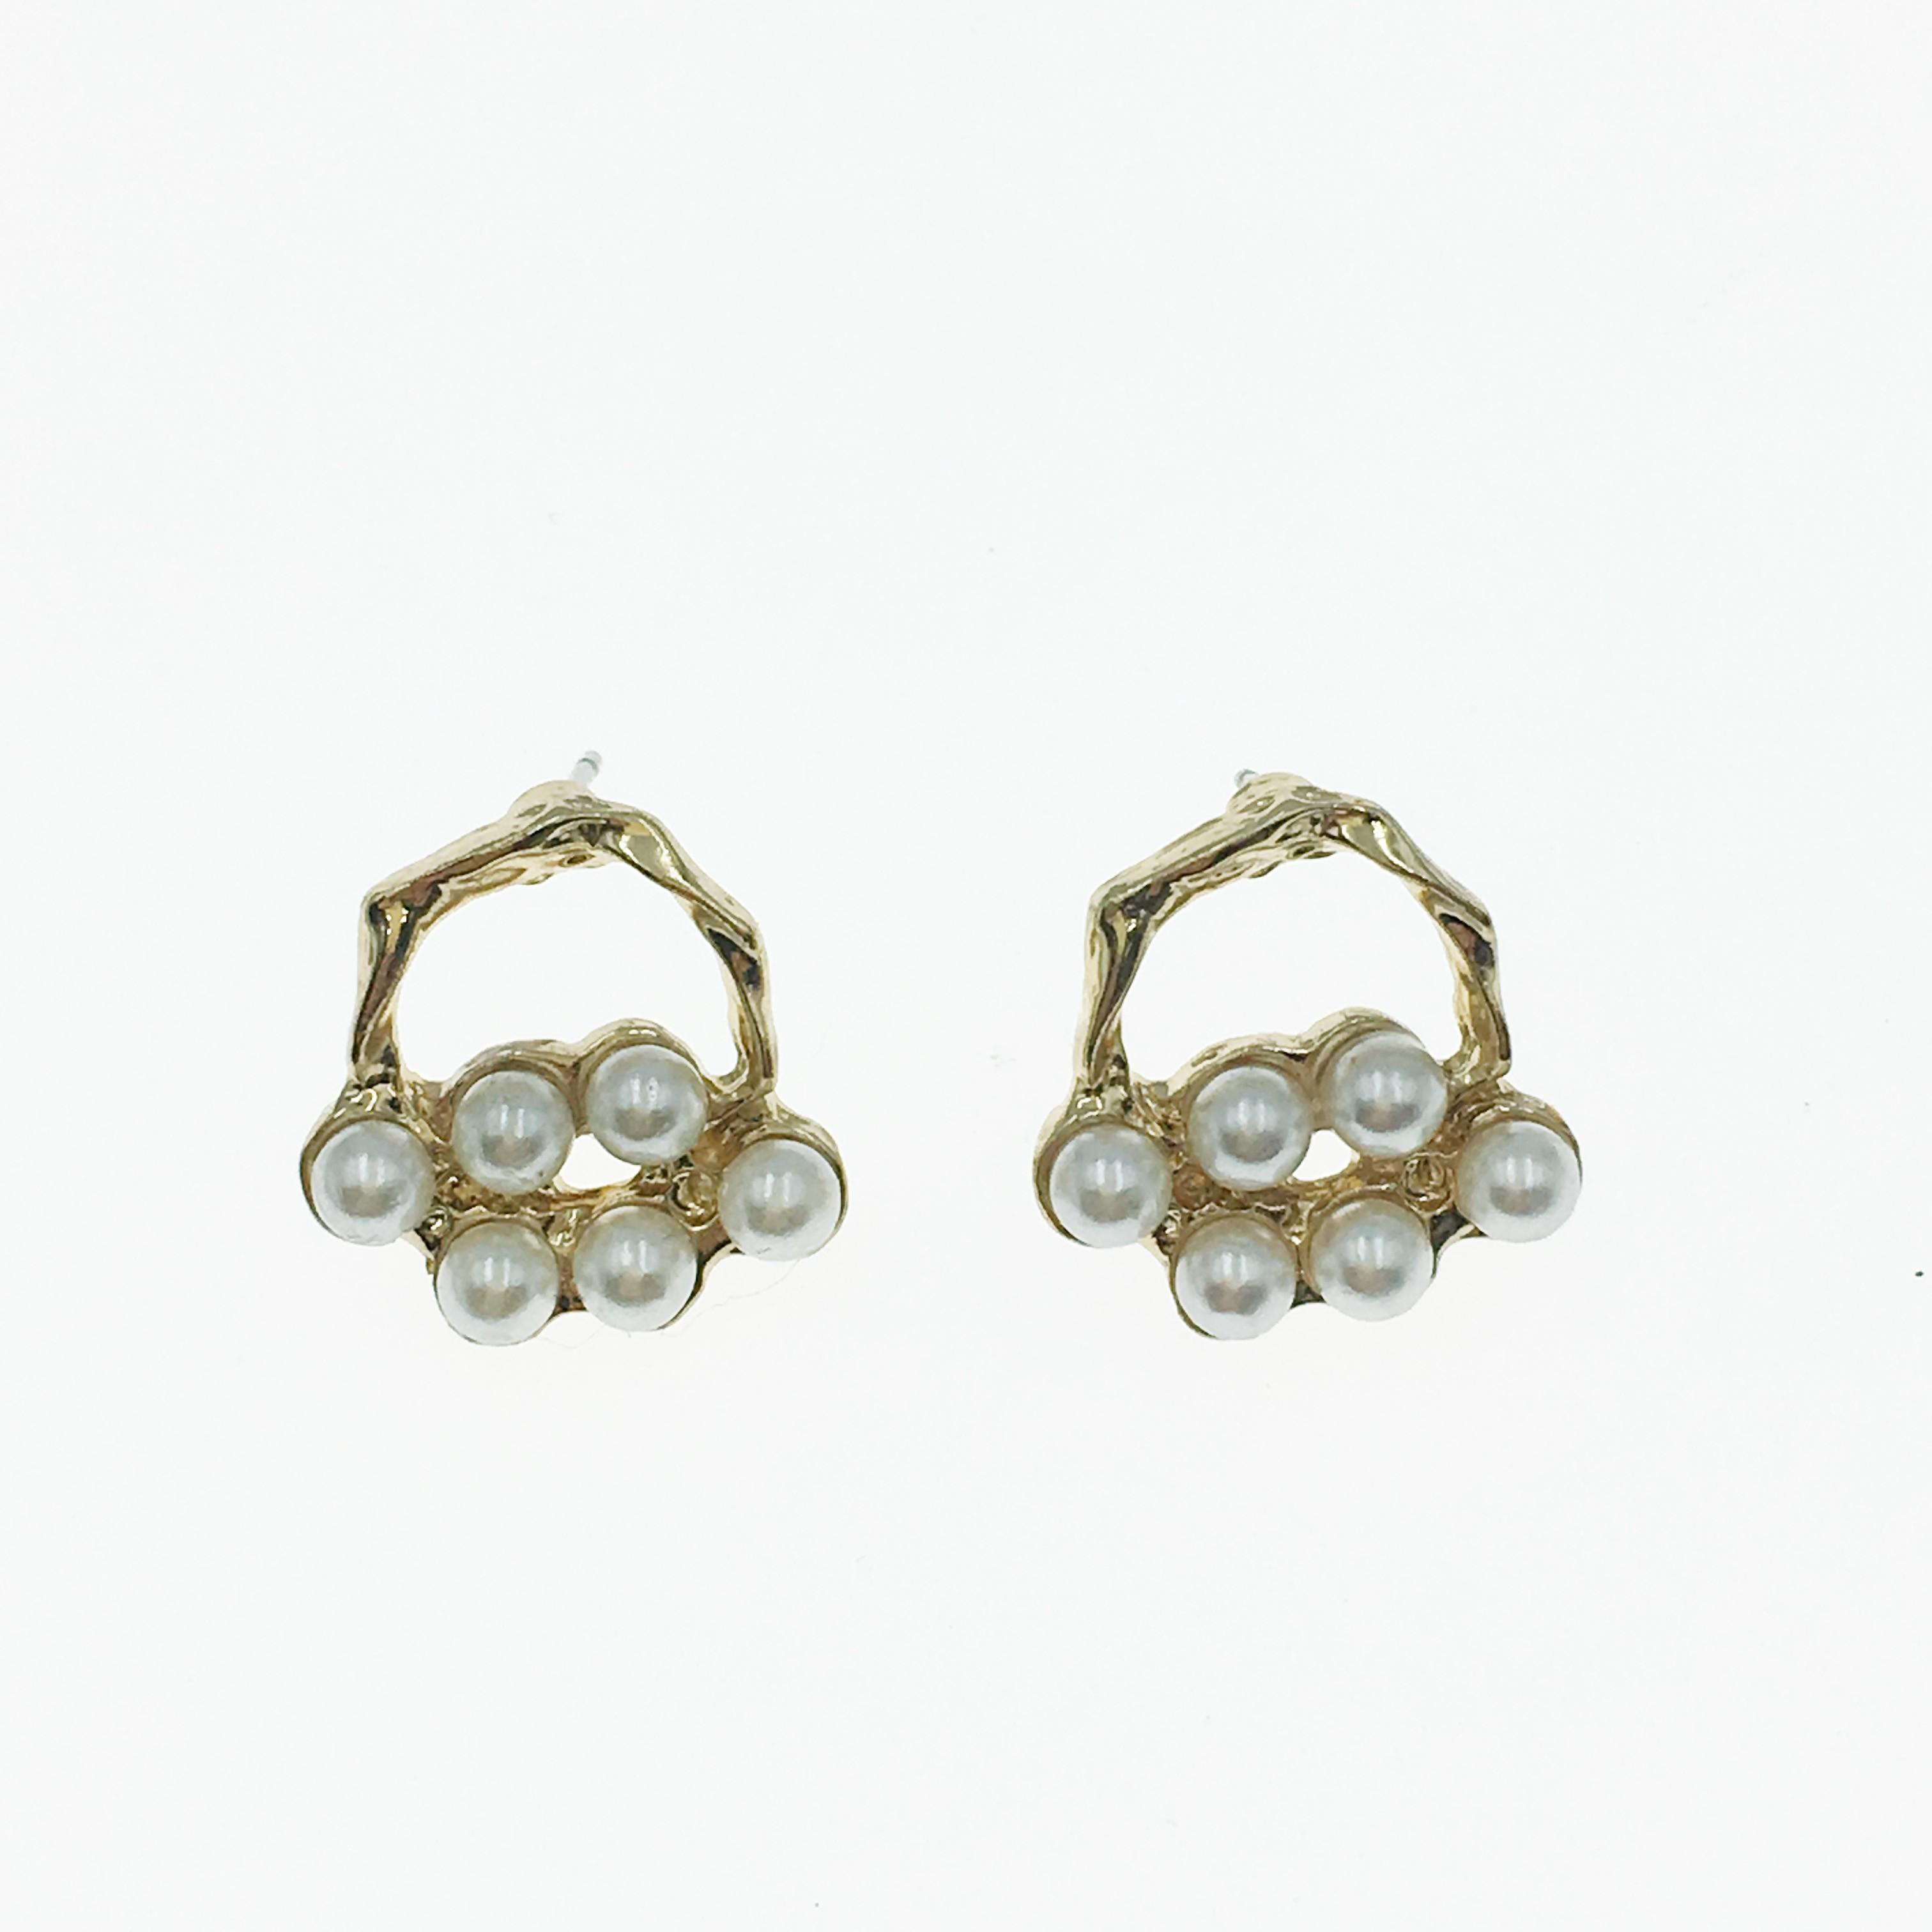 韓國 珍珠 圓環 金邊 耳針式耳環